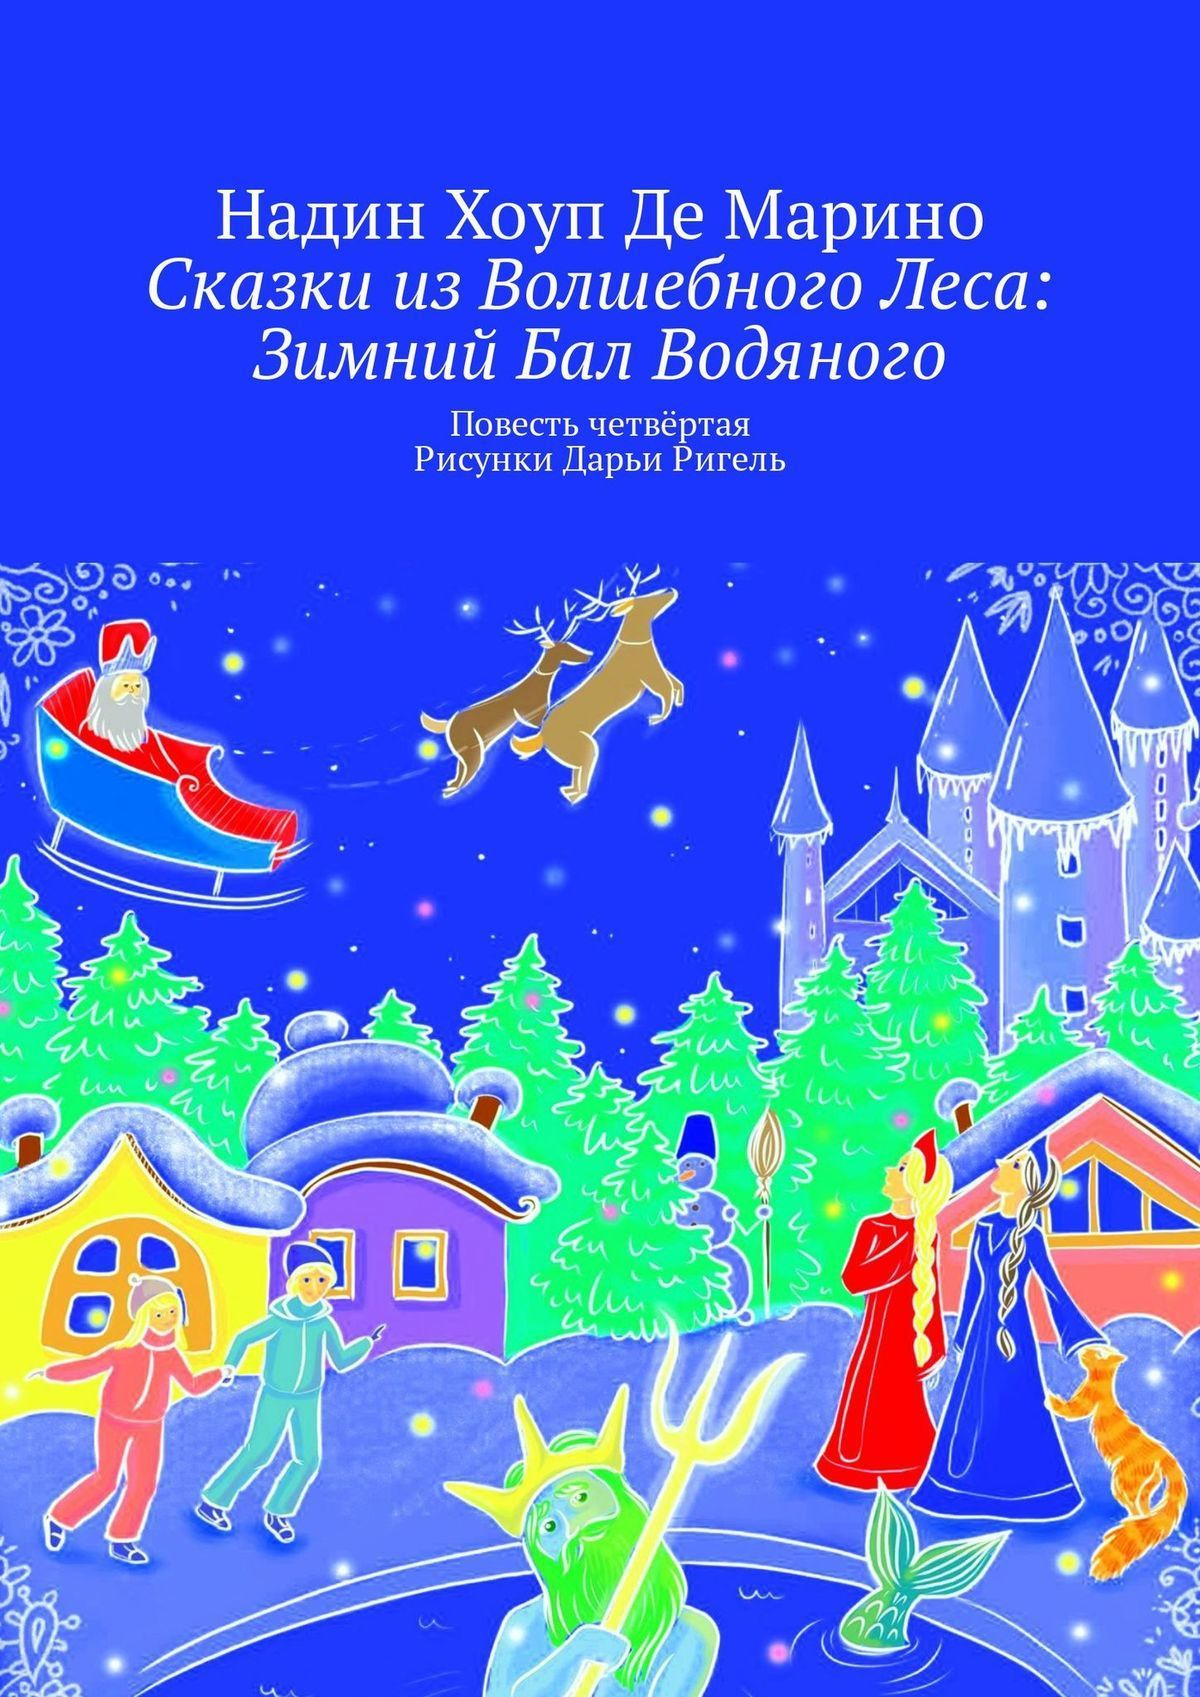 Надин Хоуп Де Марино Сказки из Волшебного Леса: Зимний бал Водяного. Повесть четвертая. Рисунки Дарьи